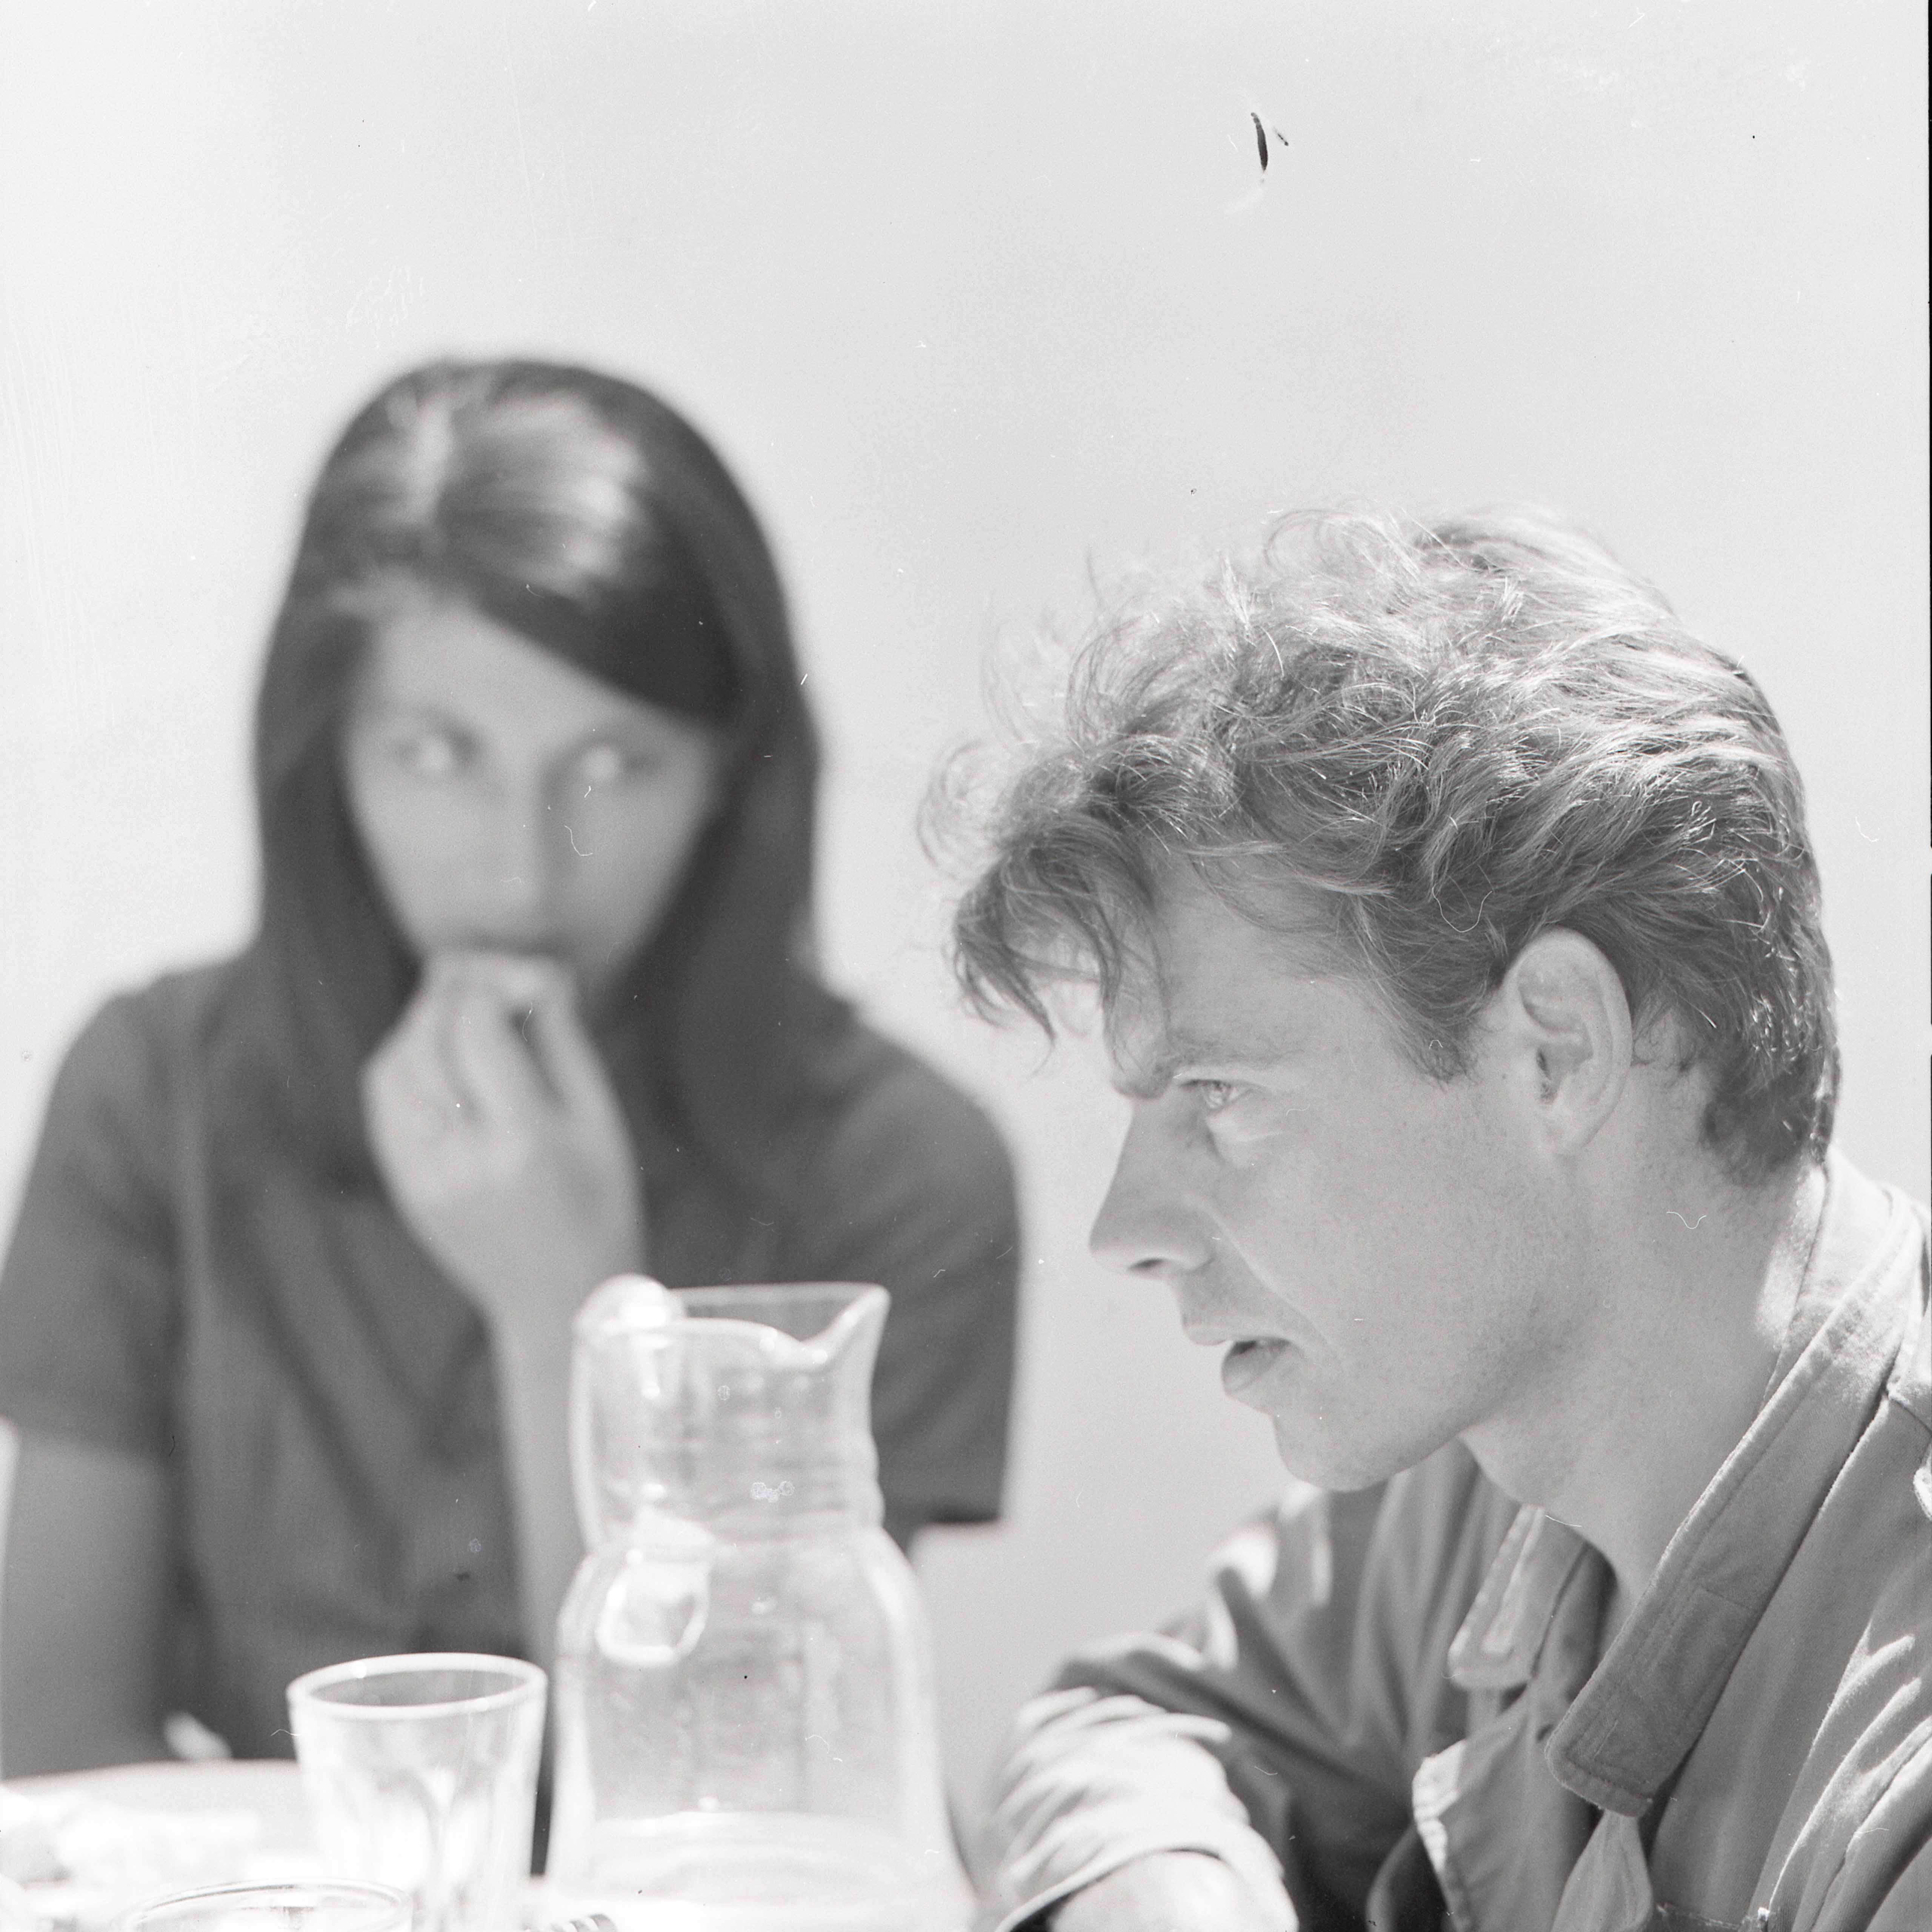 Still from the film Lebenszeichen